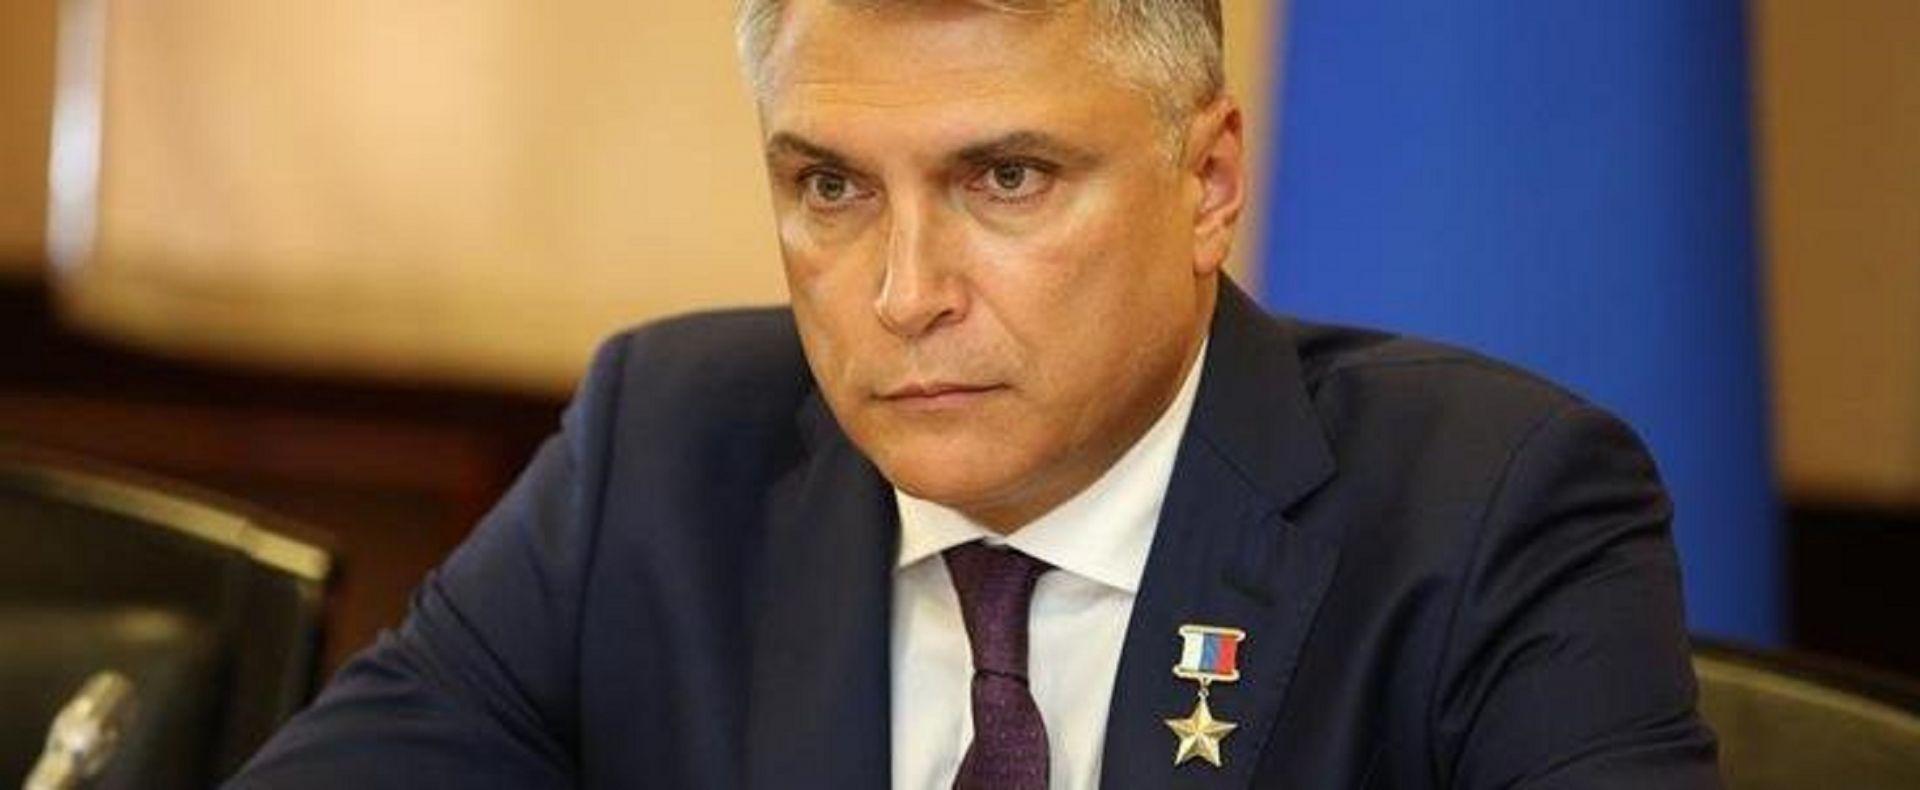 В Пятигорске представили нового полпреда президента в СКФО